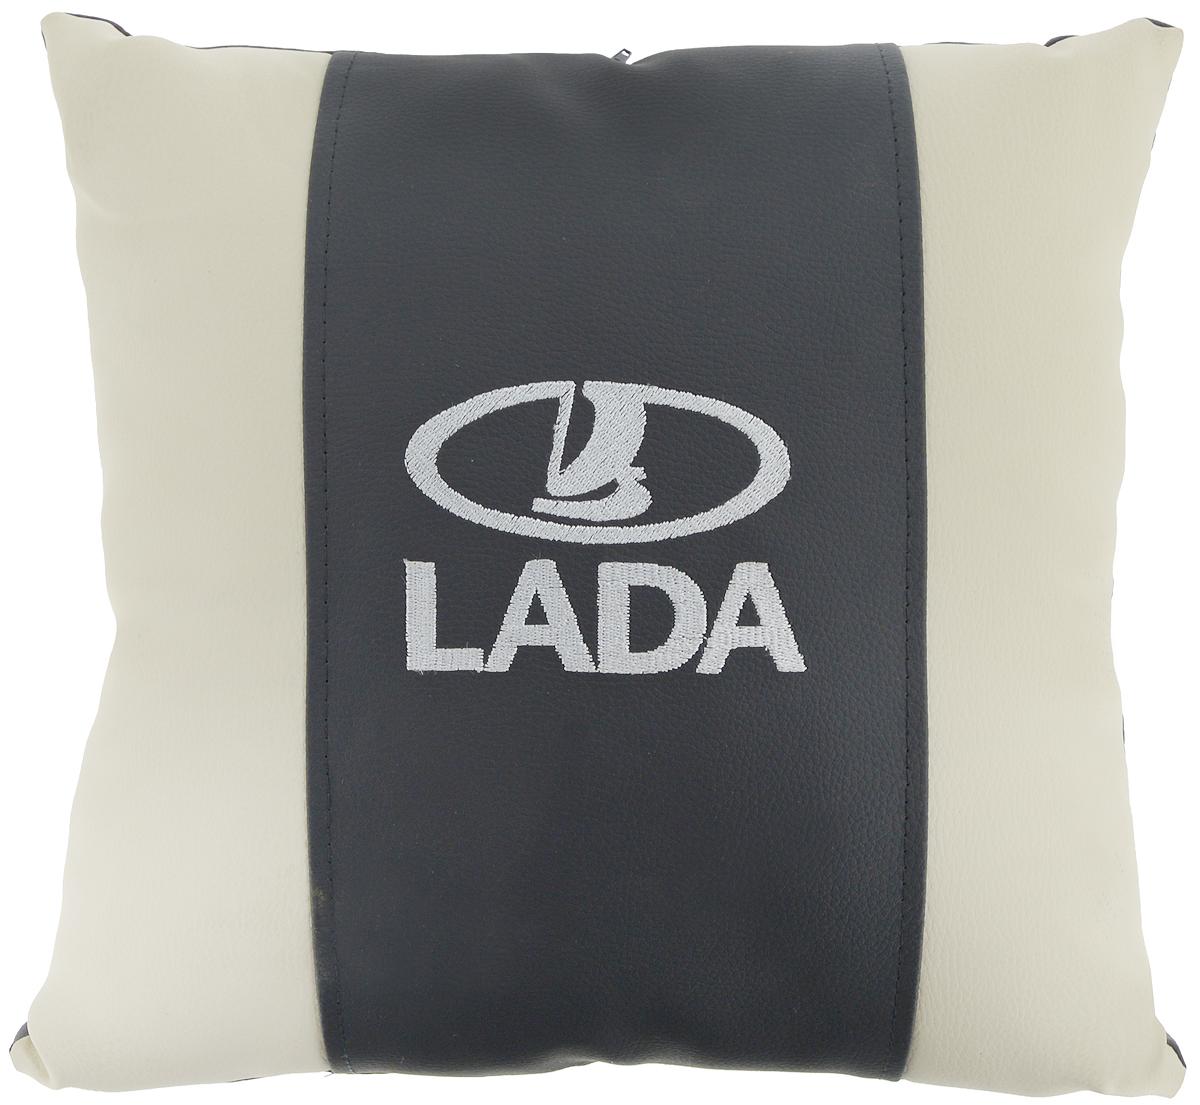 Подушка на сиденье Autoparts Lada, 30 х 30 смVT-1520(SR)Подушка на сиденье Autoparts Lada создана для тех, кто весьсвой день вынужден проводить за рулем. Чехол выполнен из высококачественной дышащей экокожи. Наполнителем служит холлофайбер. На задней части подушки имеется змейка. Особенности подушки: - Хорошо проветривается. - Предупреждает потение. - Поддерживает комфортную температуру. - Обминается по форме тела. - Улучшает кровообращение. - Исключает затечные явления. - Предупреждает развитие заболеваний, связанных с сидячим образом жизни. Подушка также будет полезна и дома - при работе за компьютером, школьникам - при выполнении домашних работ, да и в любимом кресле перед телевизором.